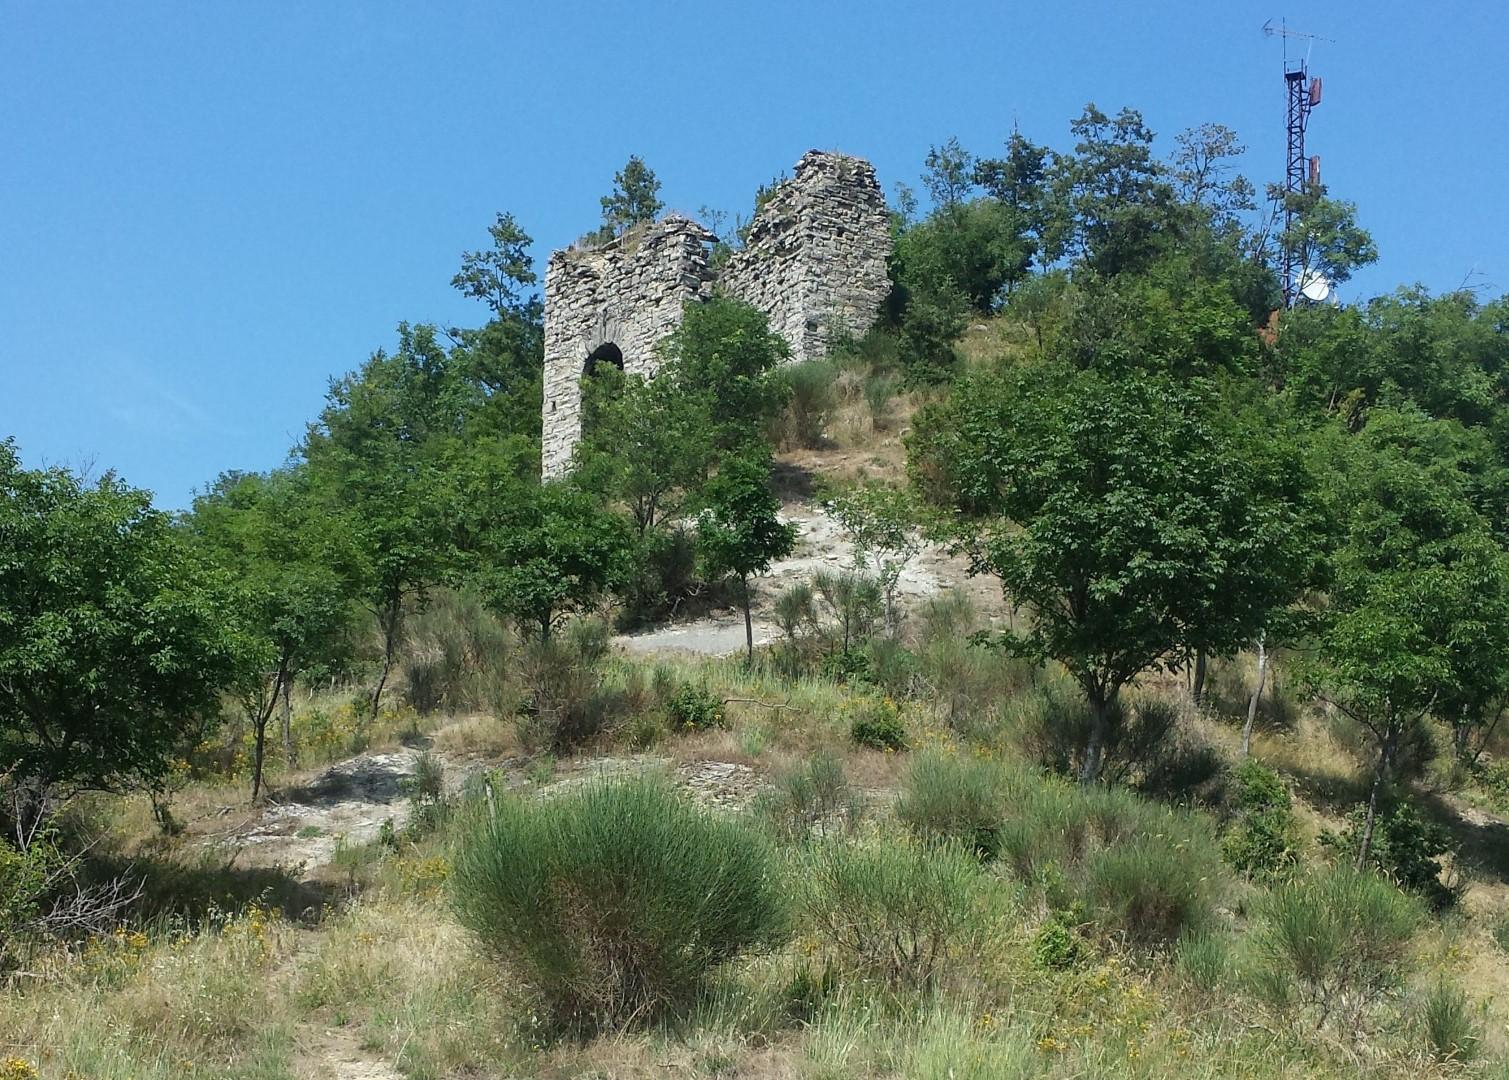 Ruderi del castello di Corniolo - San Paolo in Alpe, Casentino